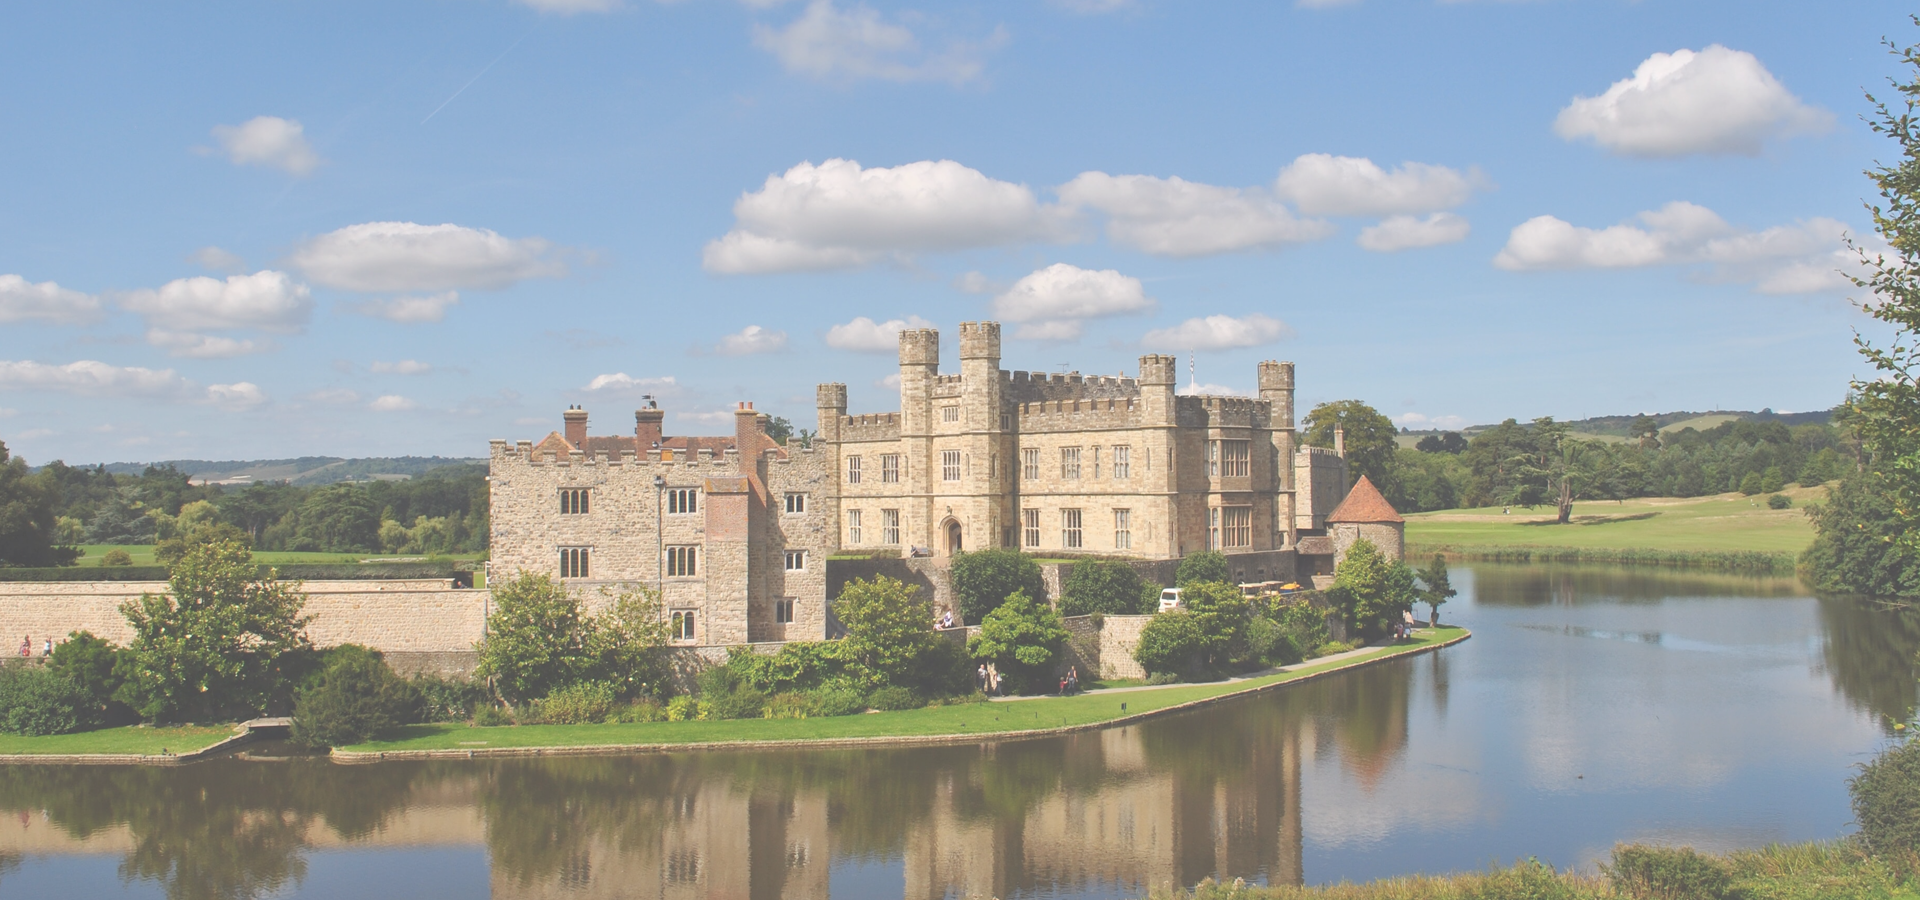 Peer-to-peer advisory in Maidstone, Kent, England, Great Britain